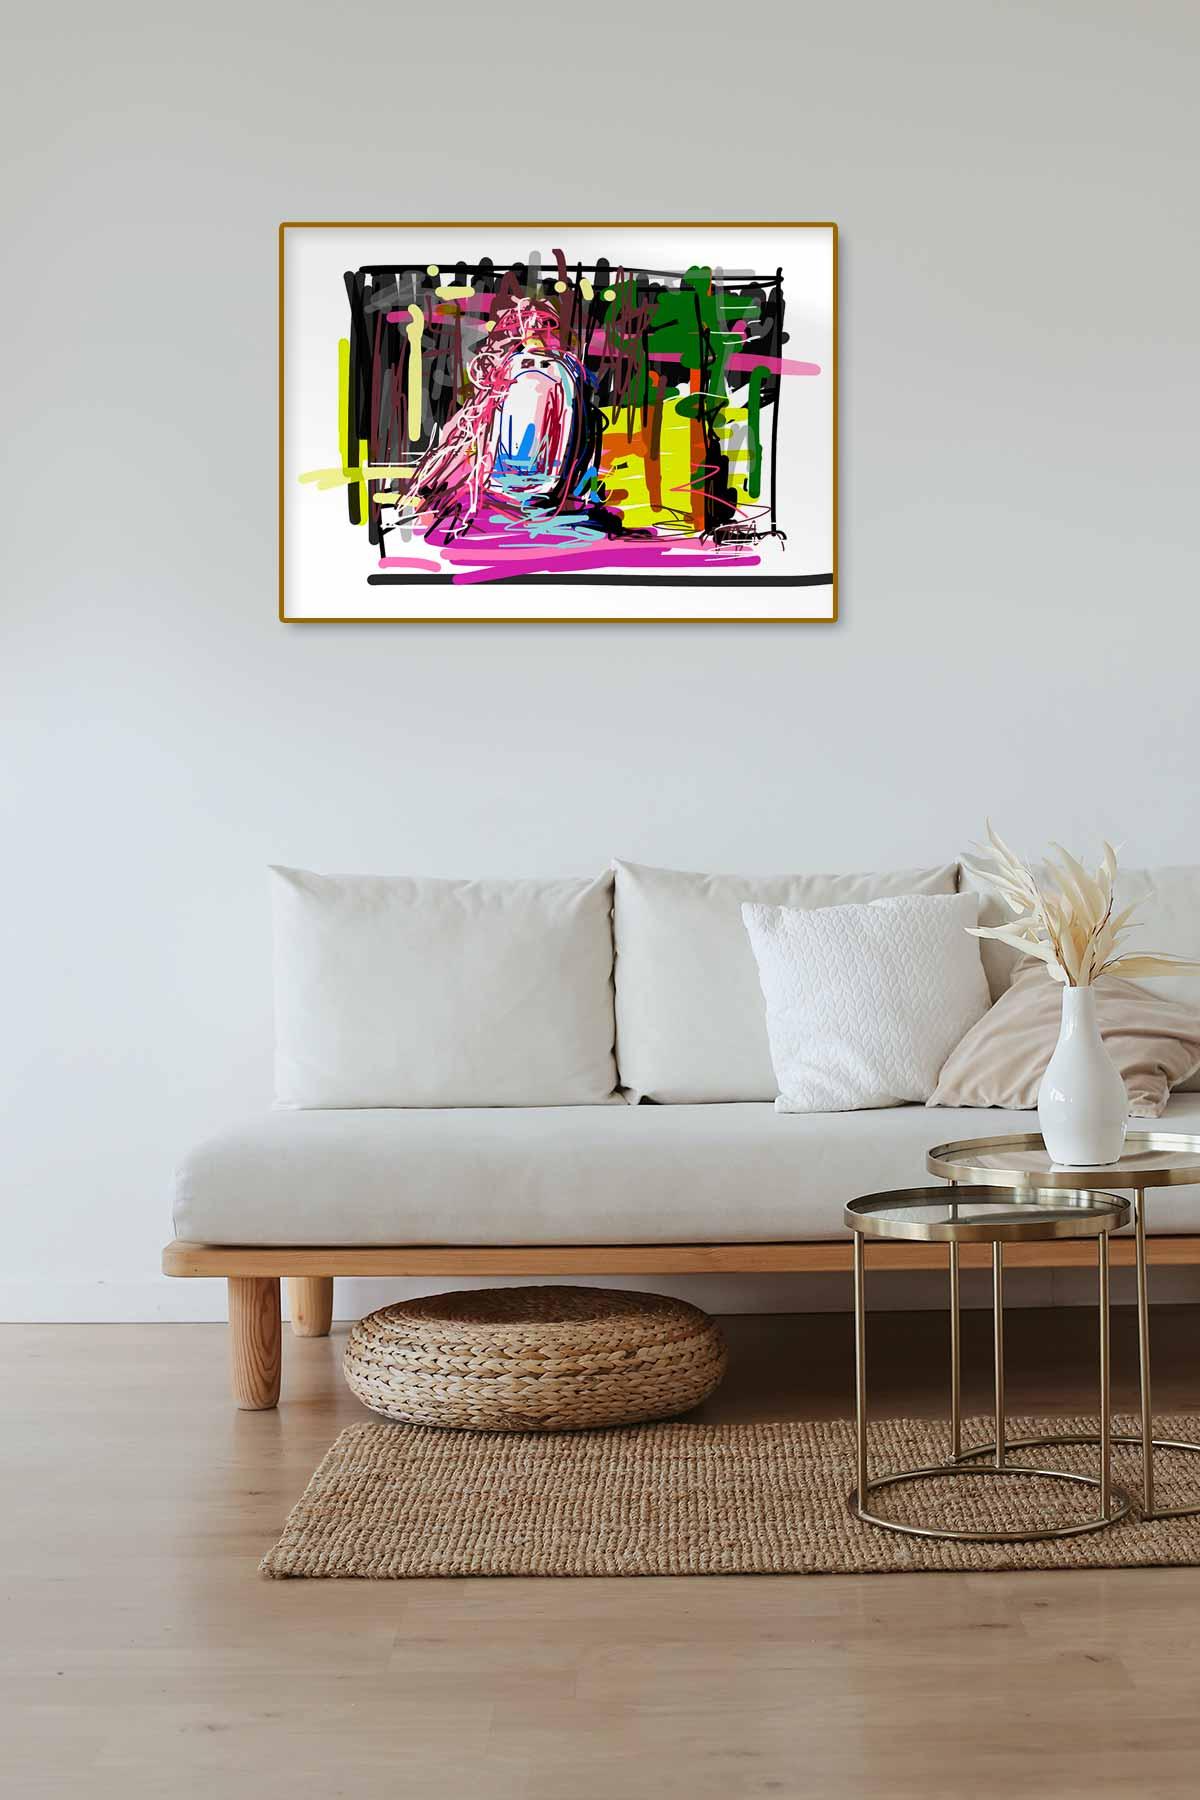 mongi-higggs-in-the-woods-edition-120mal90cm-giclee-print-artist-kuenstler-konsum163-modern-art-gallery-roomed1